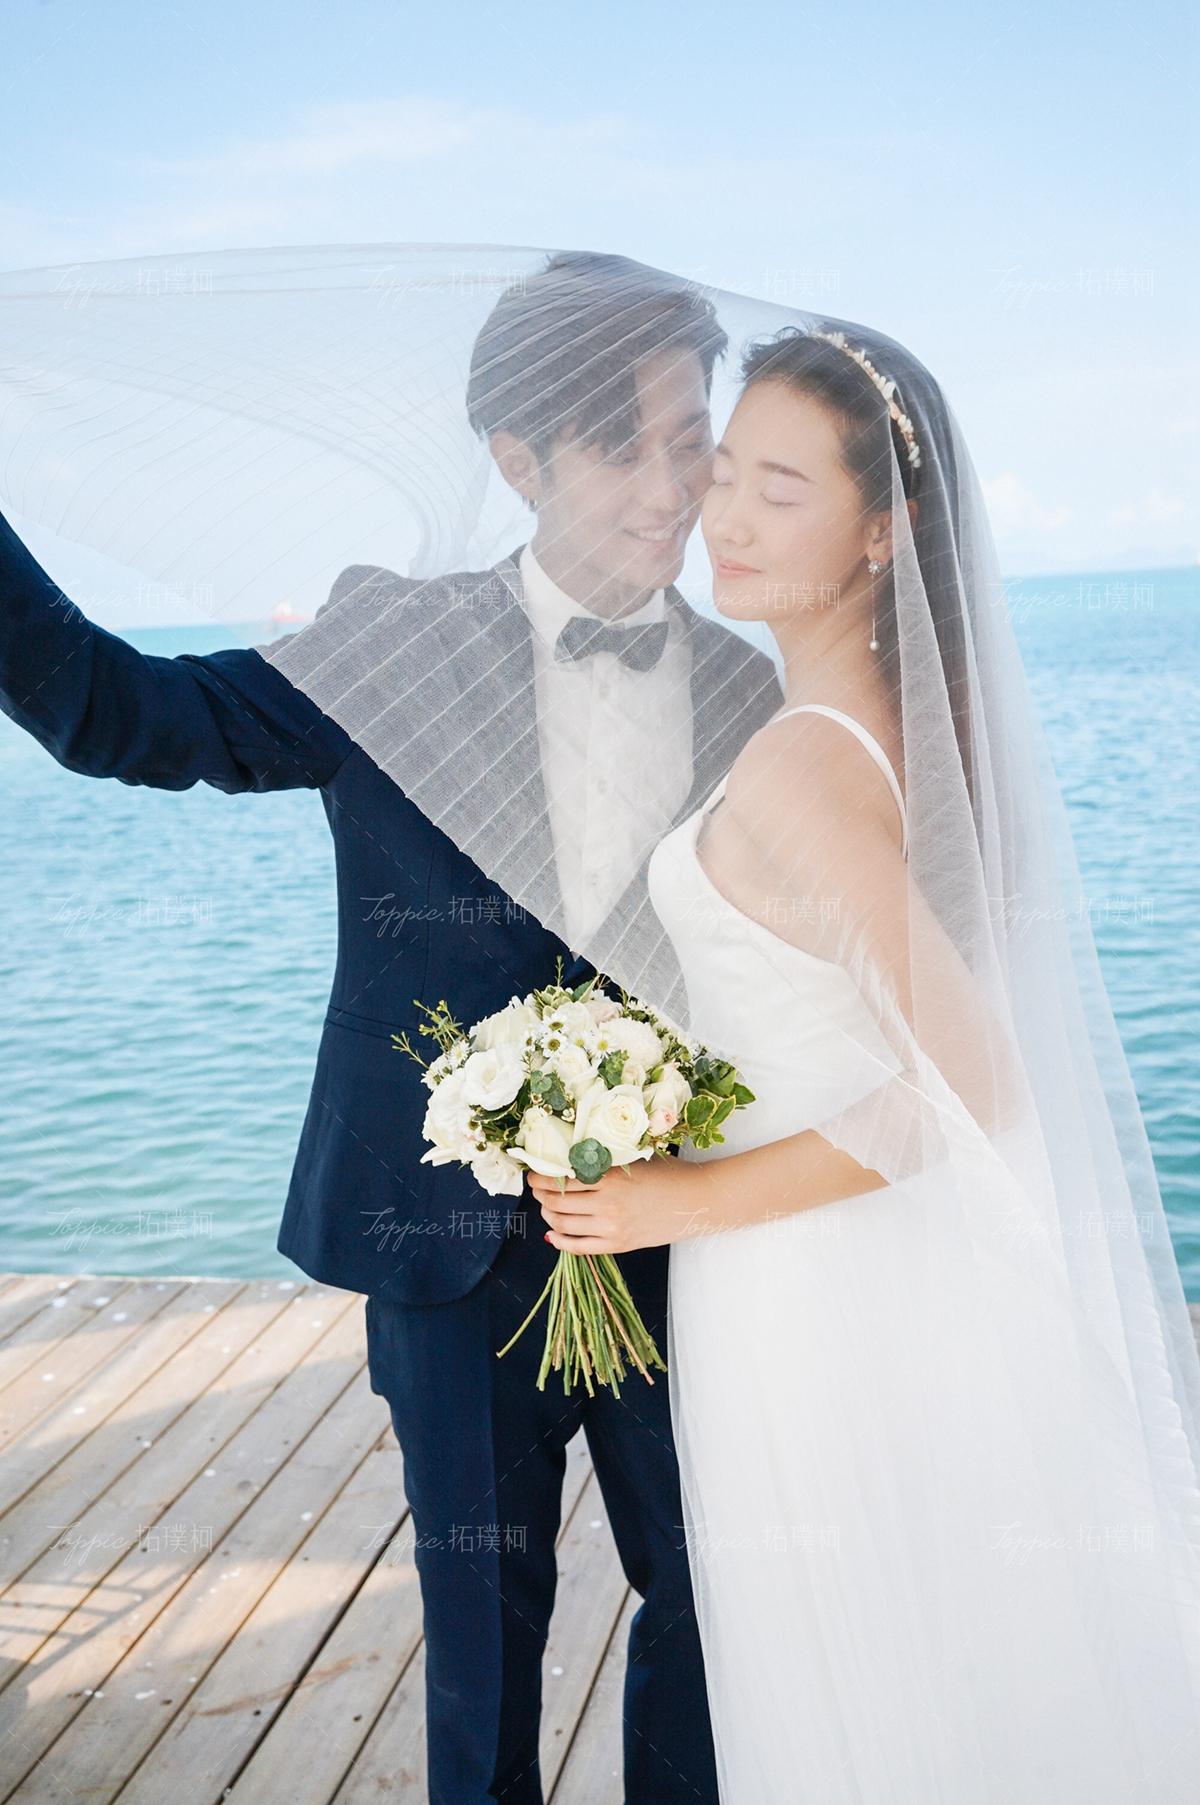 照婚纱多少钱_婚纱图片唯美